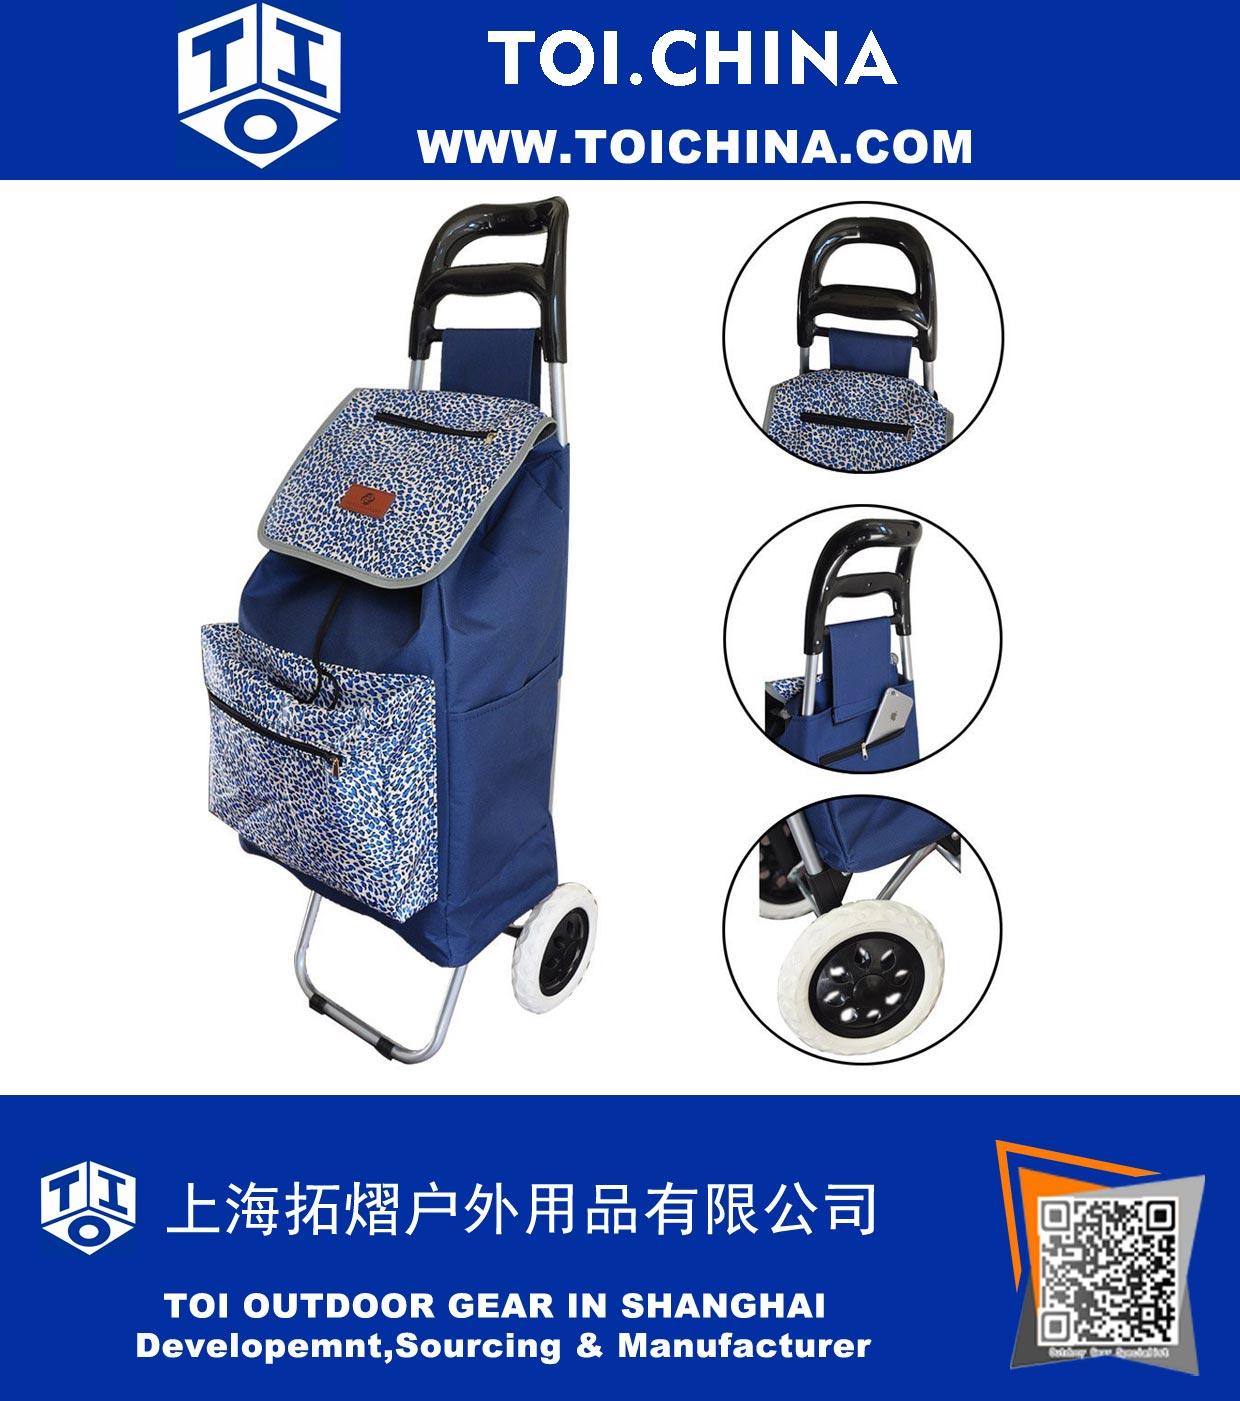 Trolley Large Folding Lightweight Wheeled Shopping Foldable Push Cart Luggage Bag Wheels,Blue